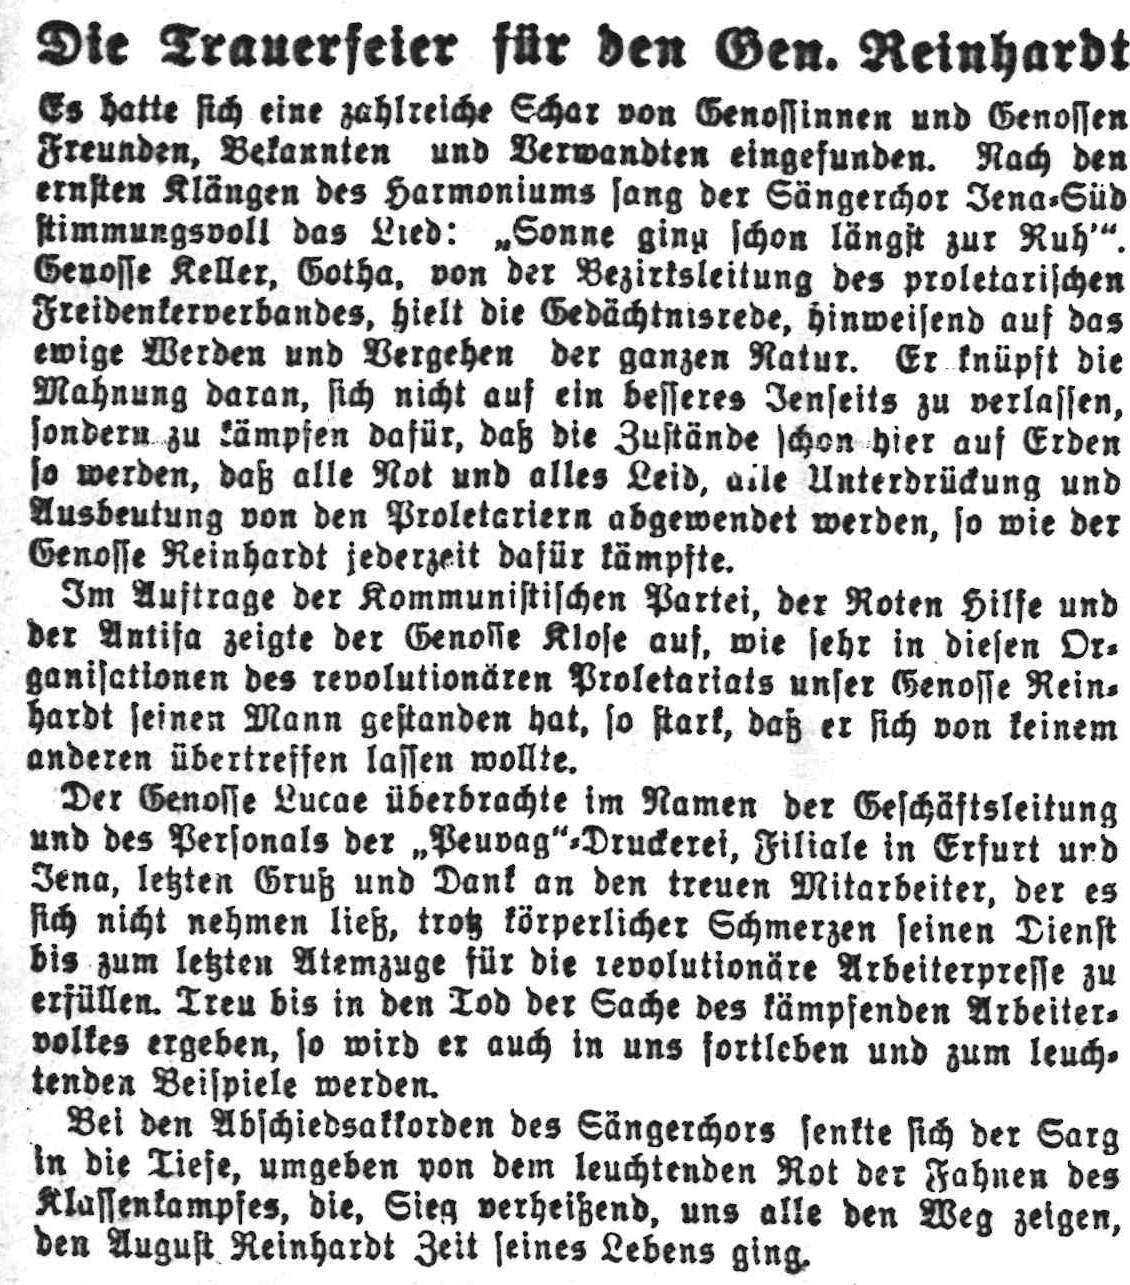 Thüringer Volksblatt, 2.9.1930: Trauerfeier für August Reinhardt Quelle: Stadtarchiv Jena (Constanze Mann)